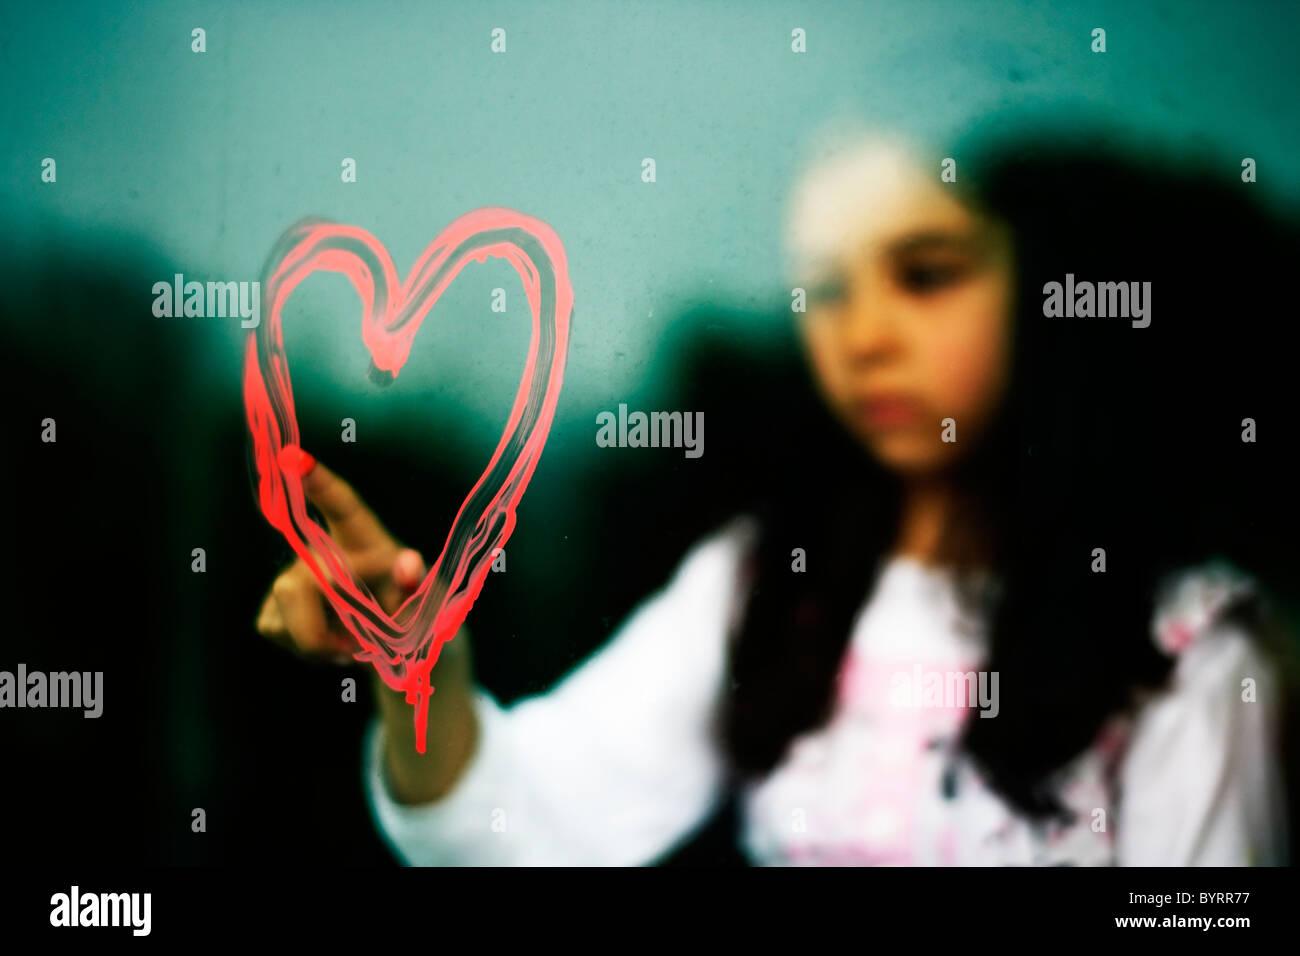 Forme de coeur fille tire sur fenêtre sale avec son doigt dans la peinture rouge Photo Stock